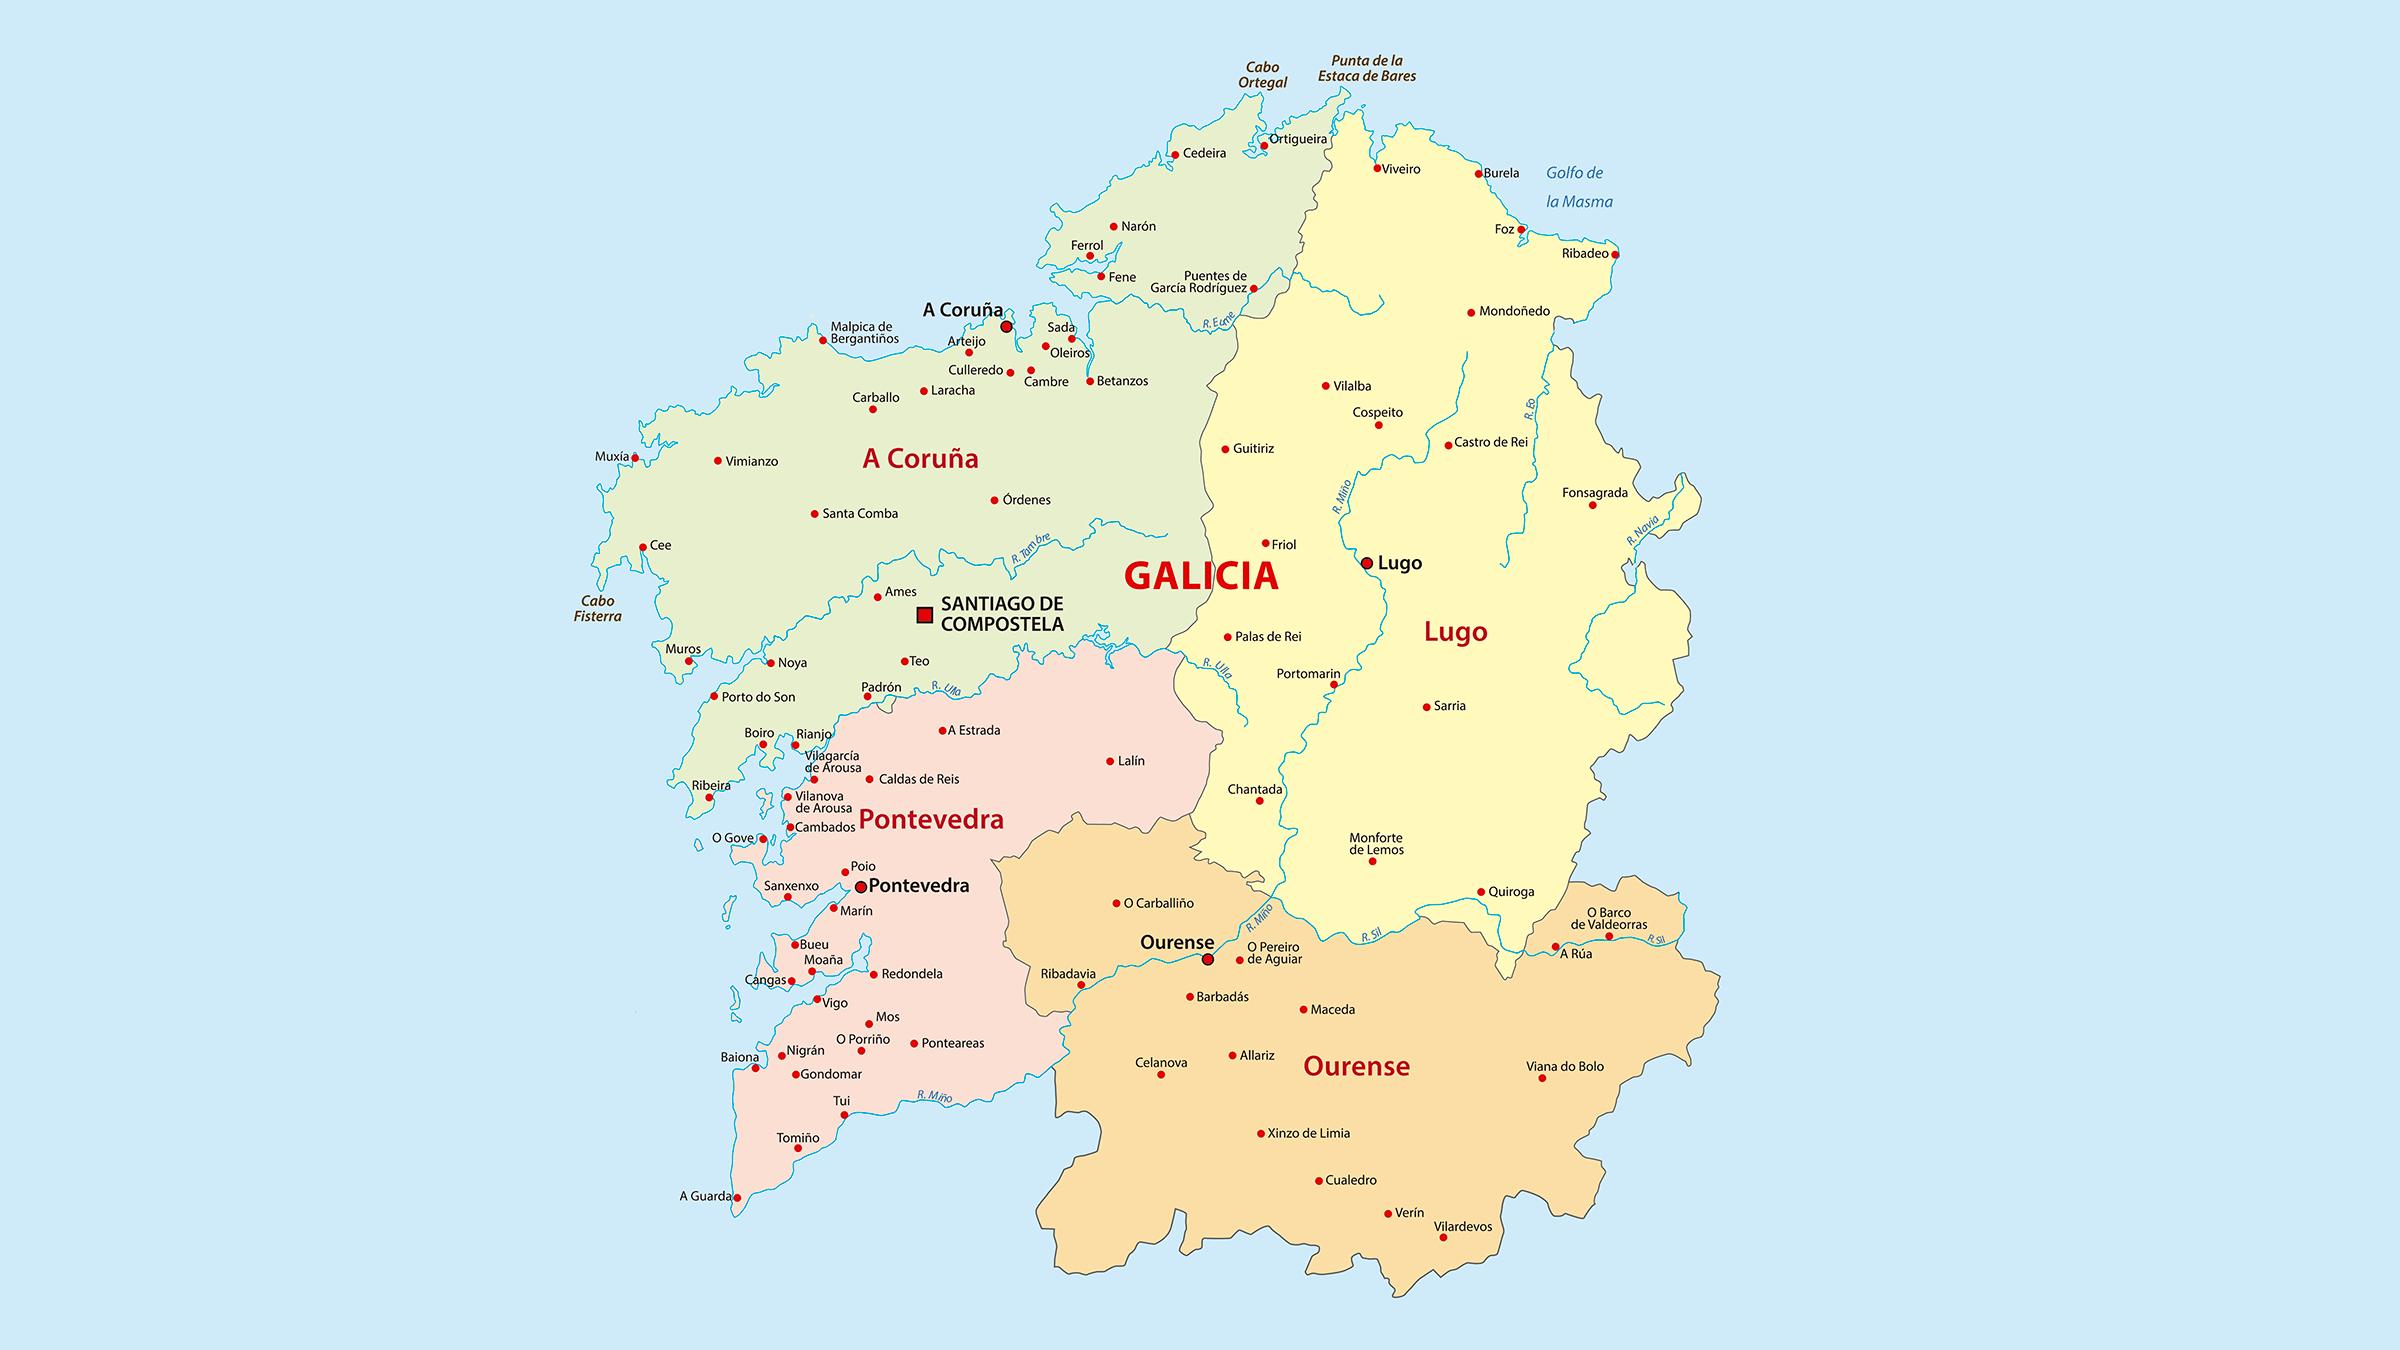 Mapa De Galicia Pueblos.Mapa Politico De Galicia